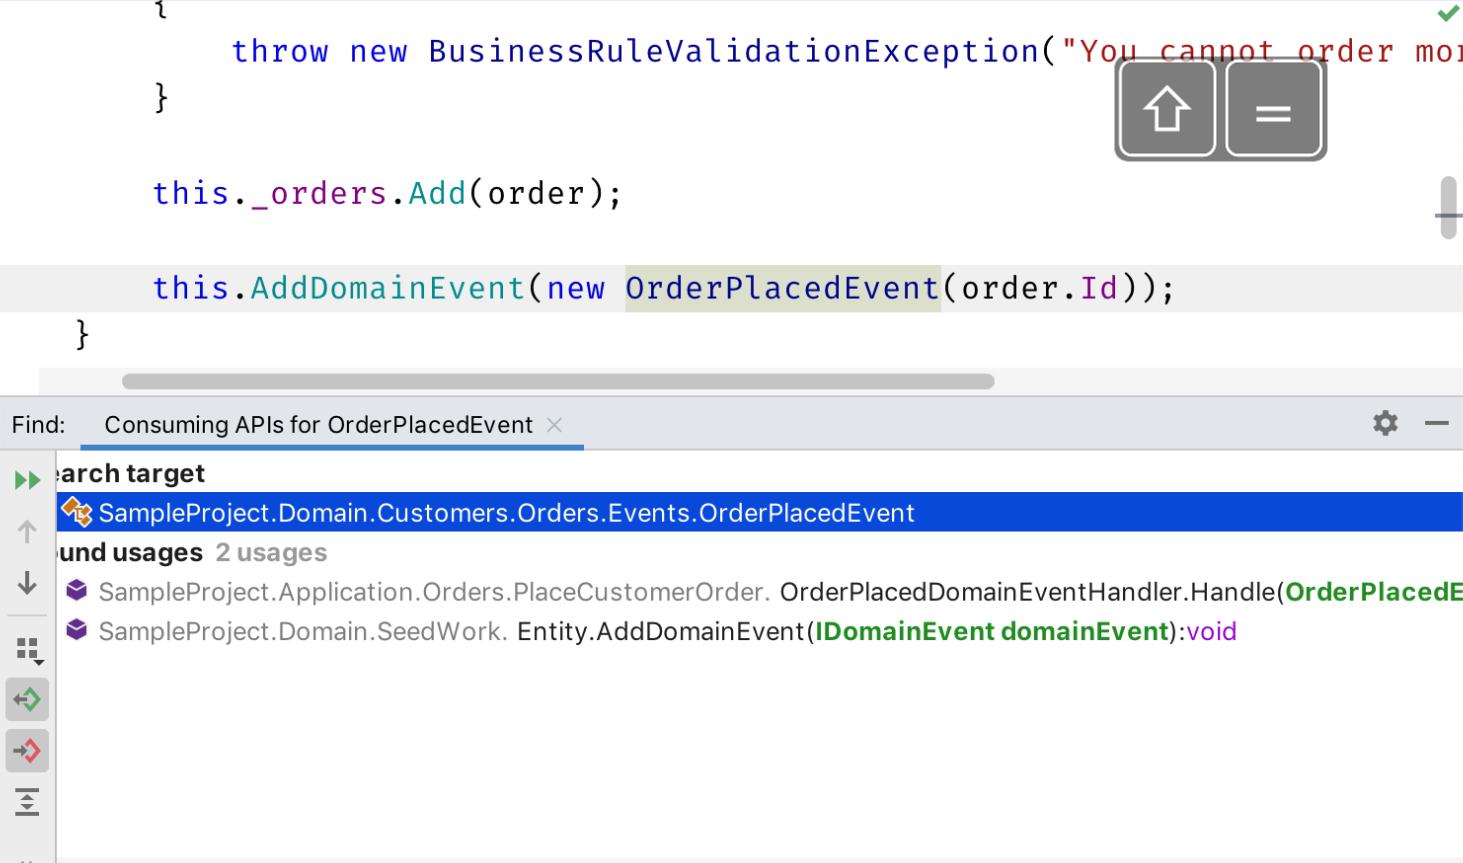 Find consuming APIs